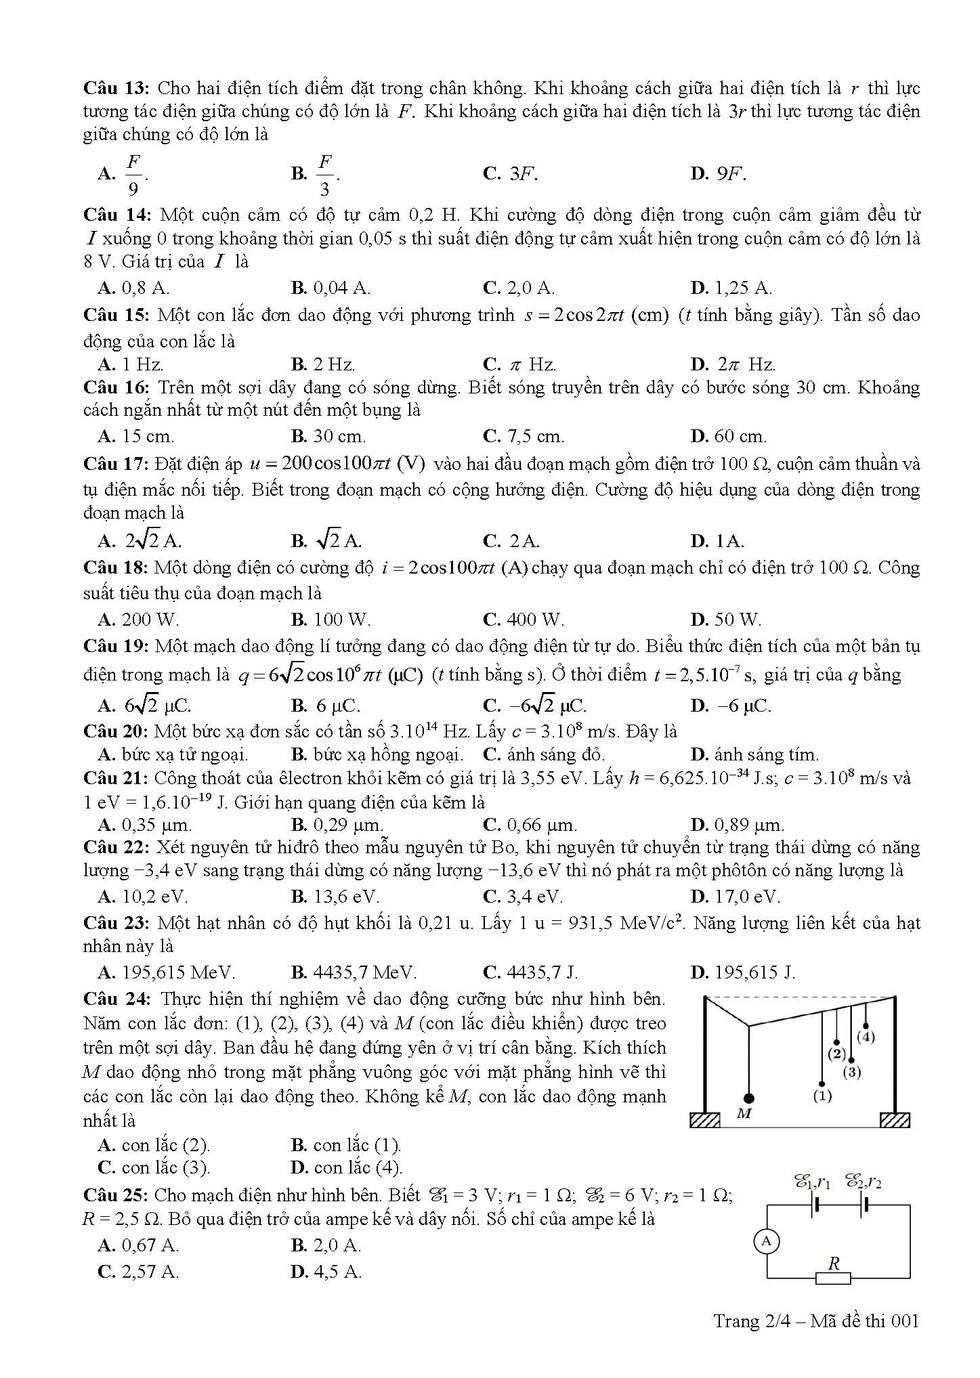 Đề tham khảo thi THPT quốc gia 2019 môn vật lý - Ảnh 2.